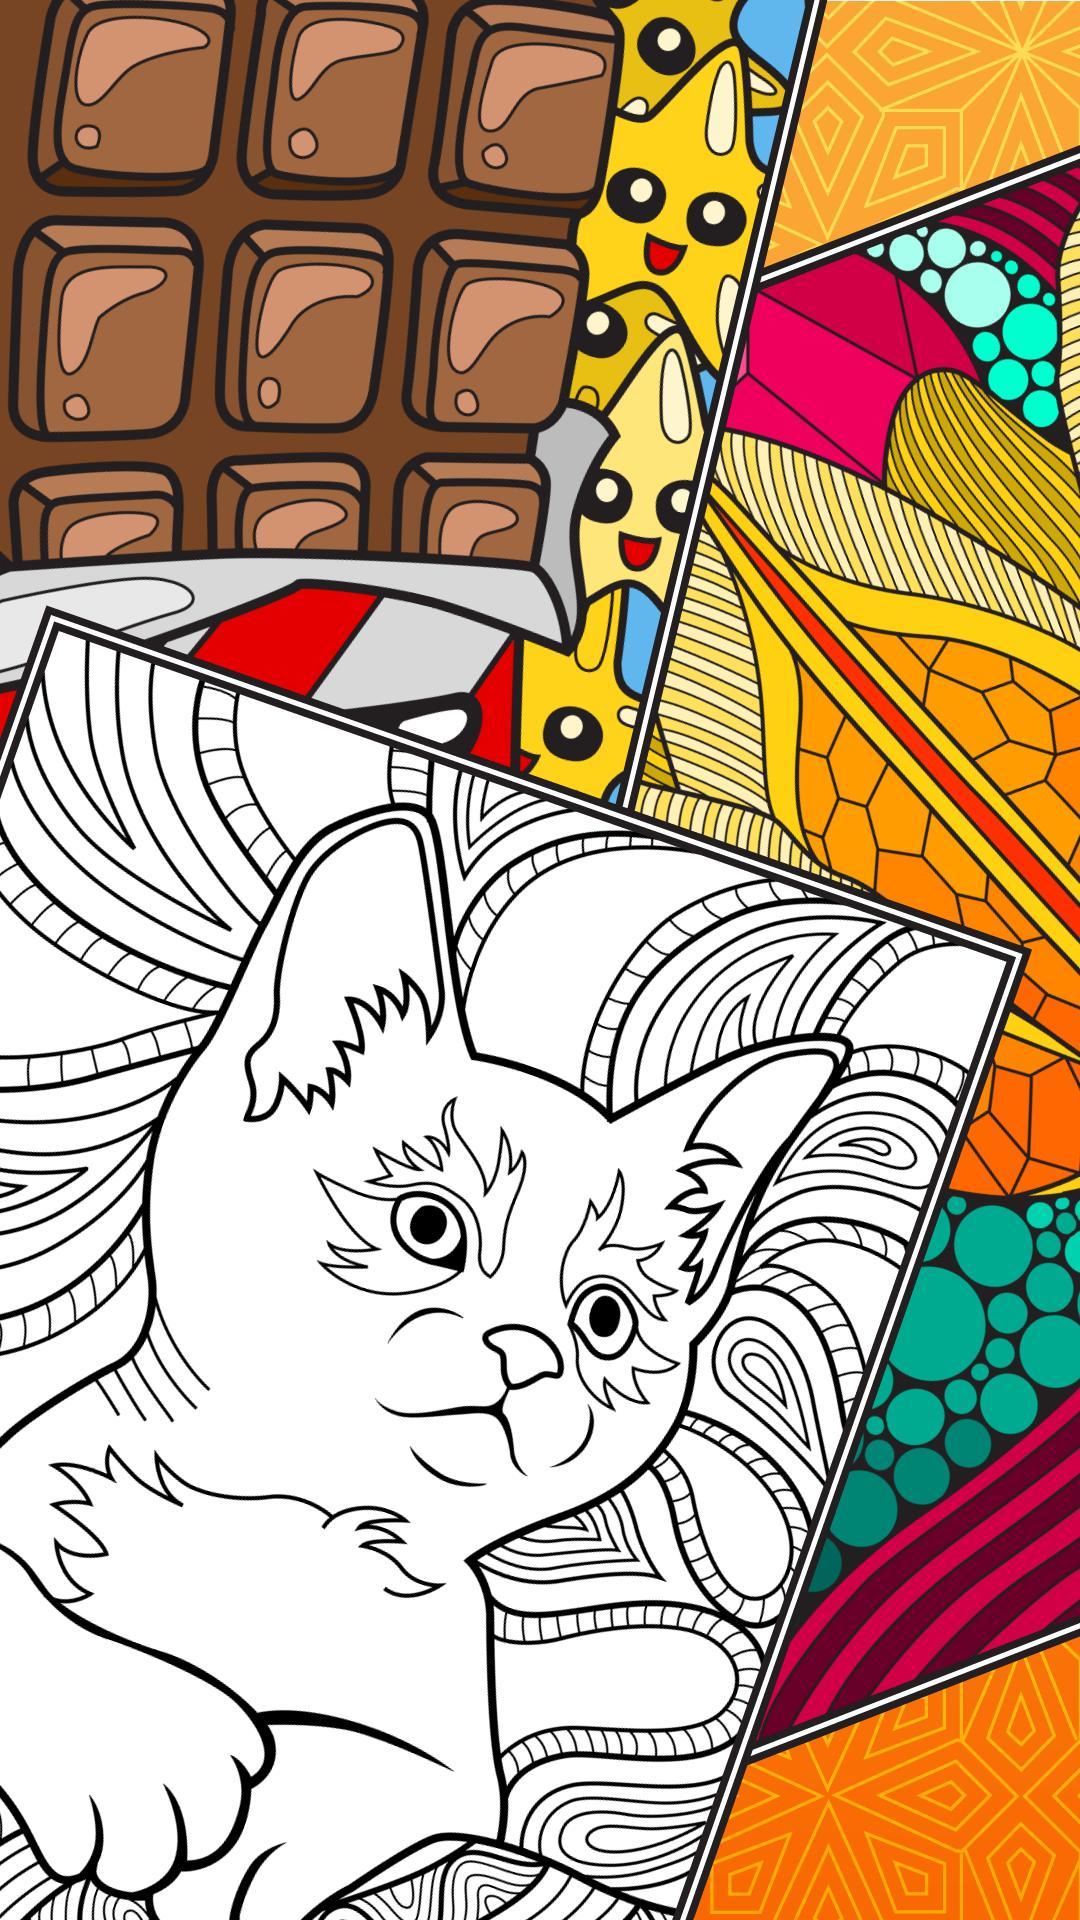 Android Icin Colorsky Yetiskinler Icin Ucretsiz Boyama Kitabi